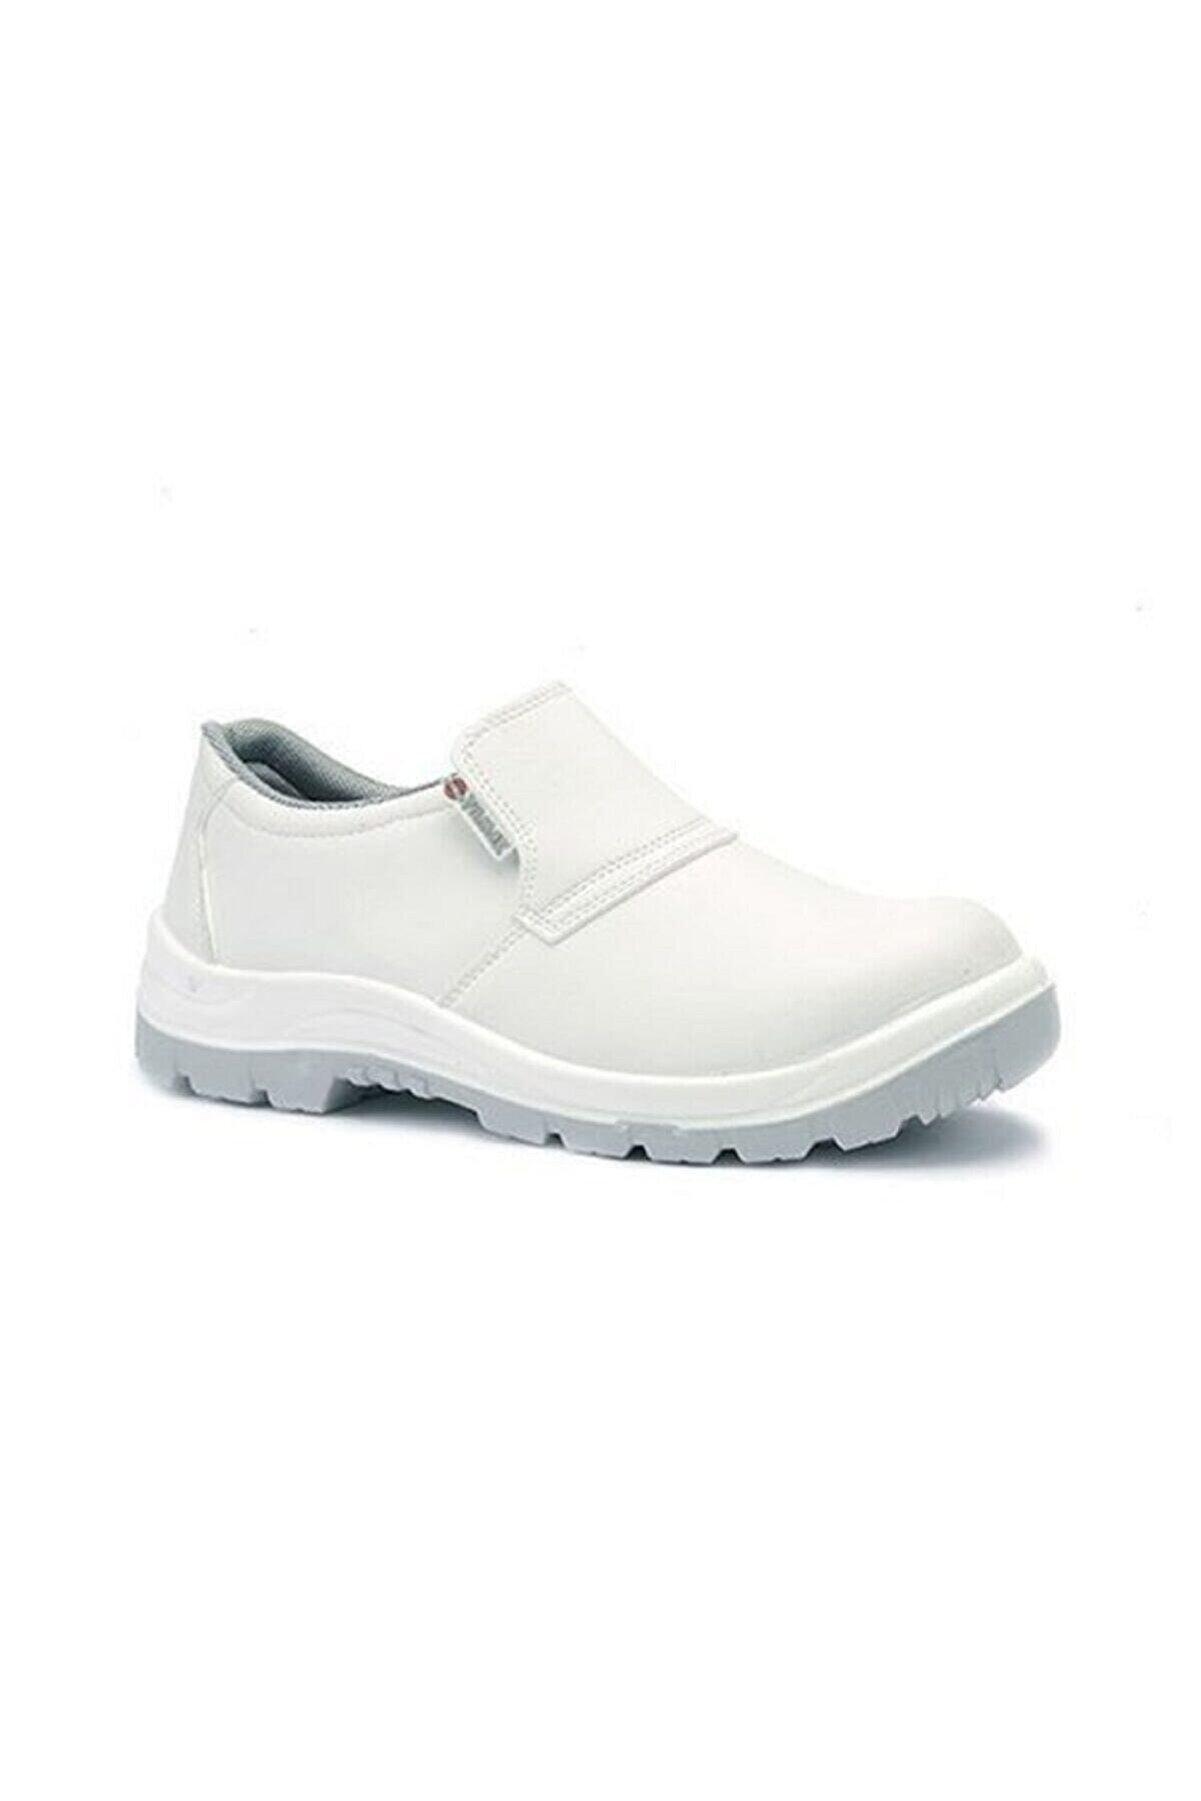 YILMAZ Beyaz Çelik Burunlu Iş Ayakkabısı